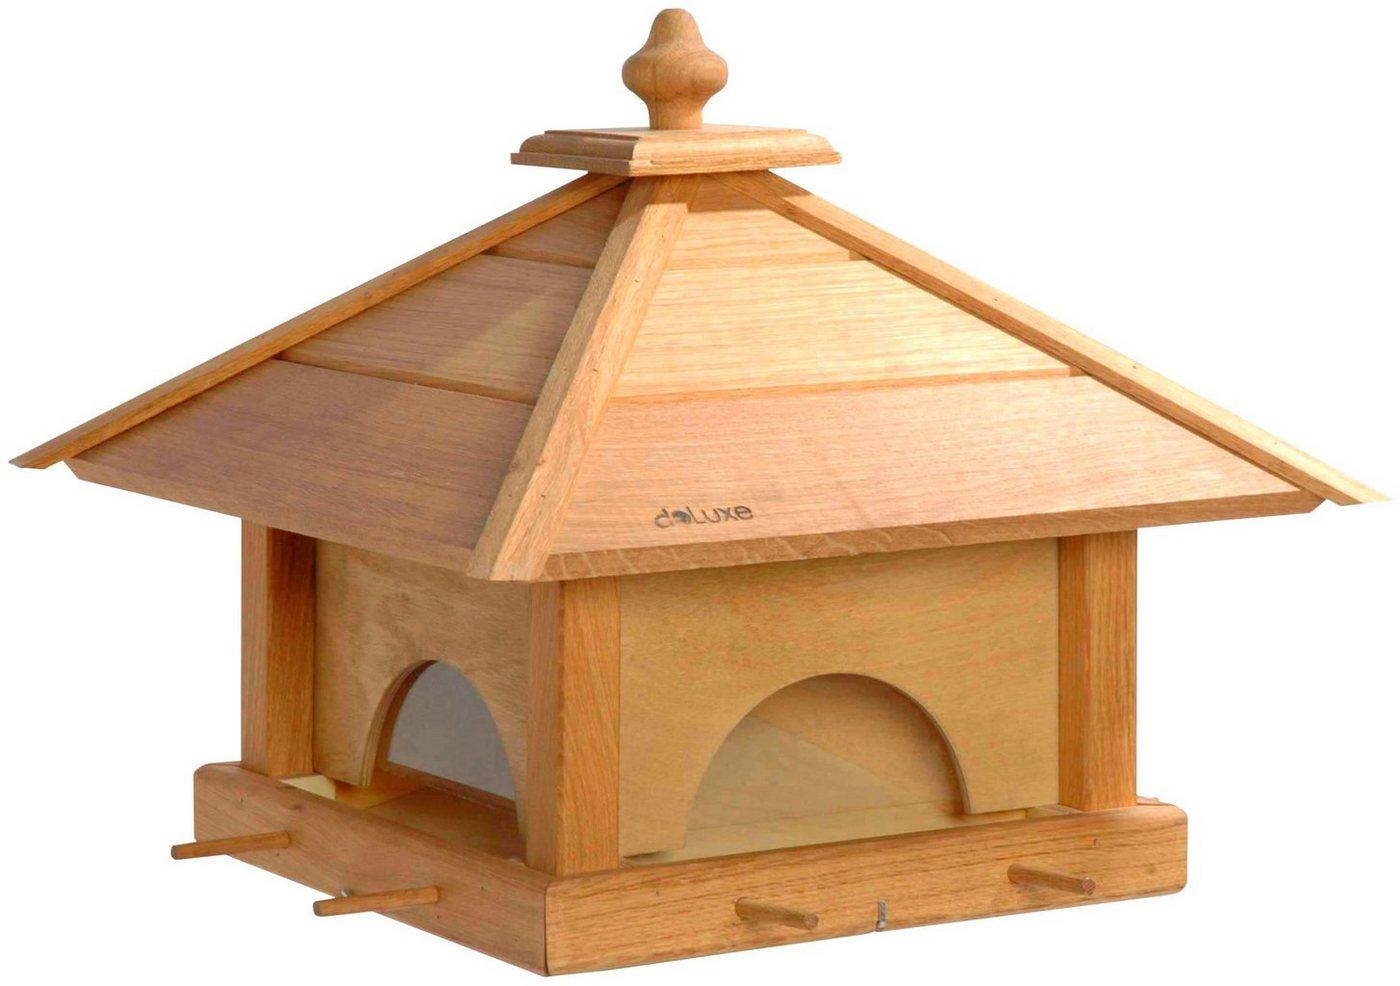 LUXUS-VOGELHAUS Vogelhaus »4 Schubladen«, BxTxH: 49x49x39 cm | Garten > Tiermöbel > Vogelhäuser-Vogelbäder | Braun | LUXUS-VOGELHAUS